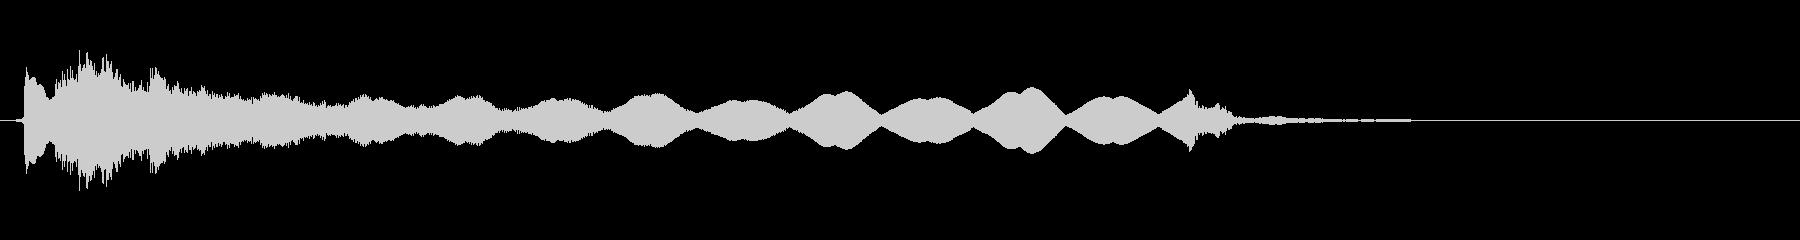 エレクトリックギター、メランコリッ...の未再生の波形